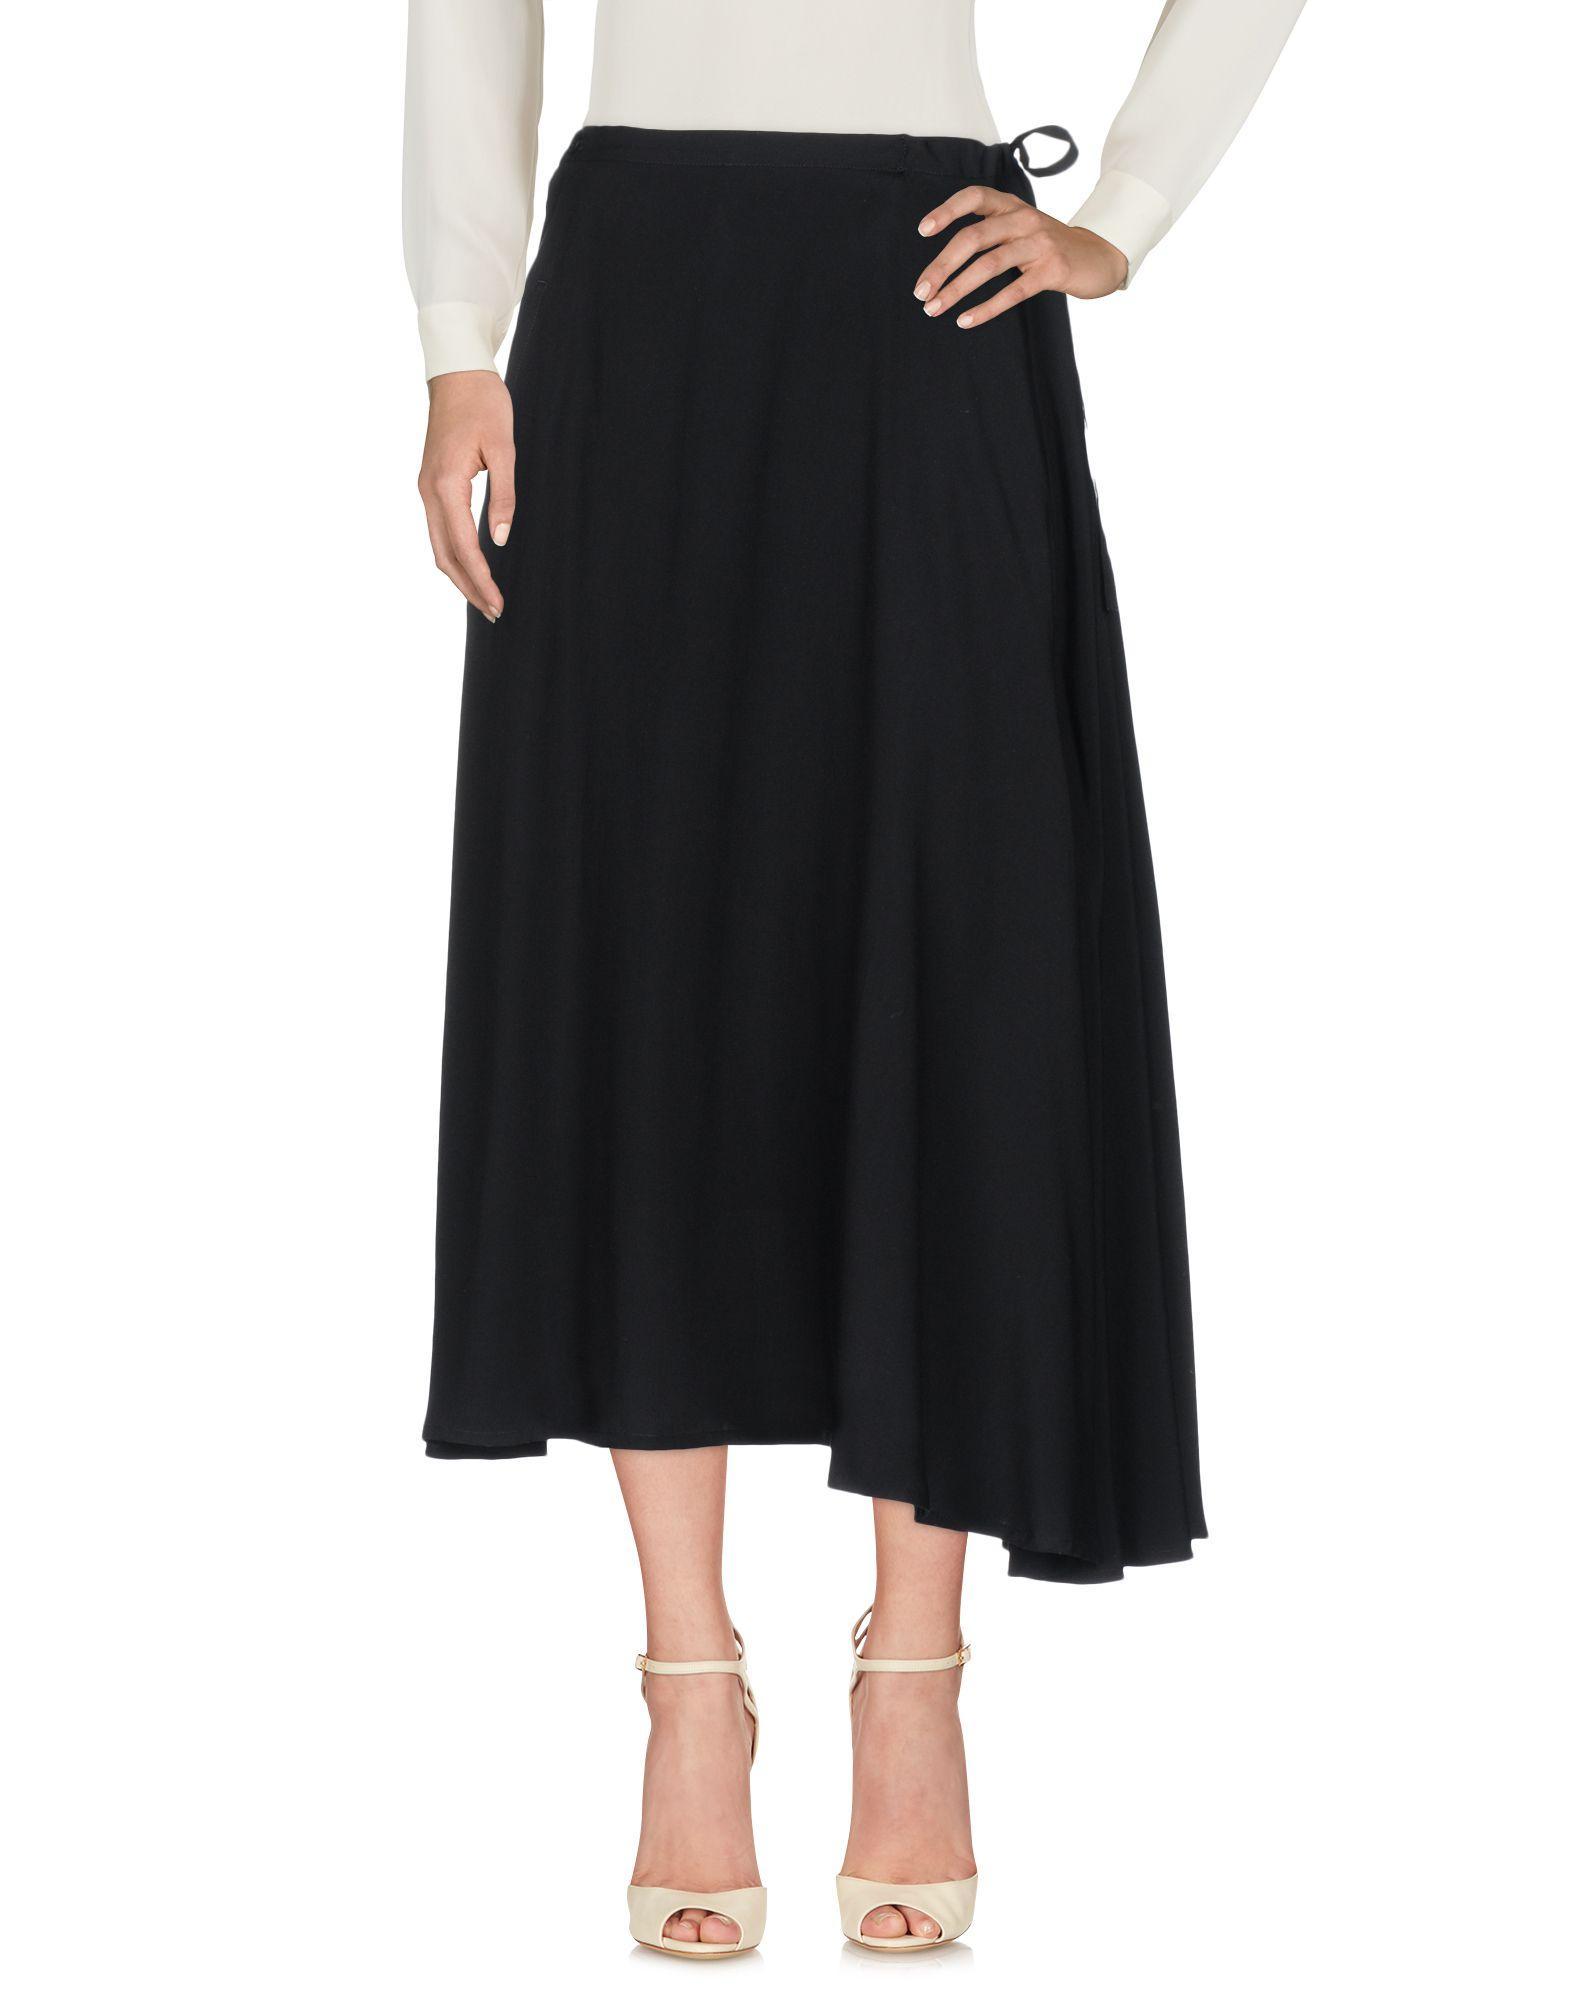 Y's Midi Skirts In Black